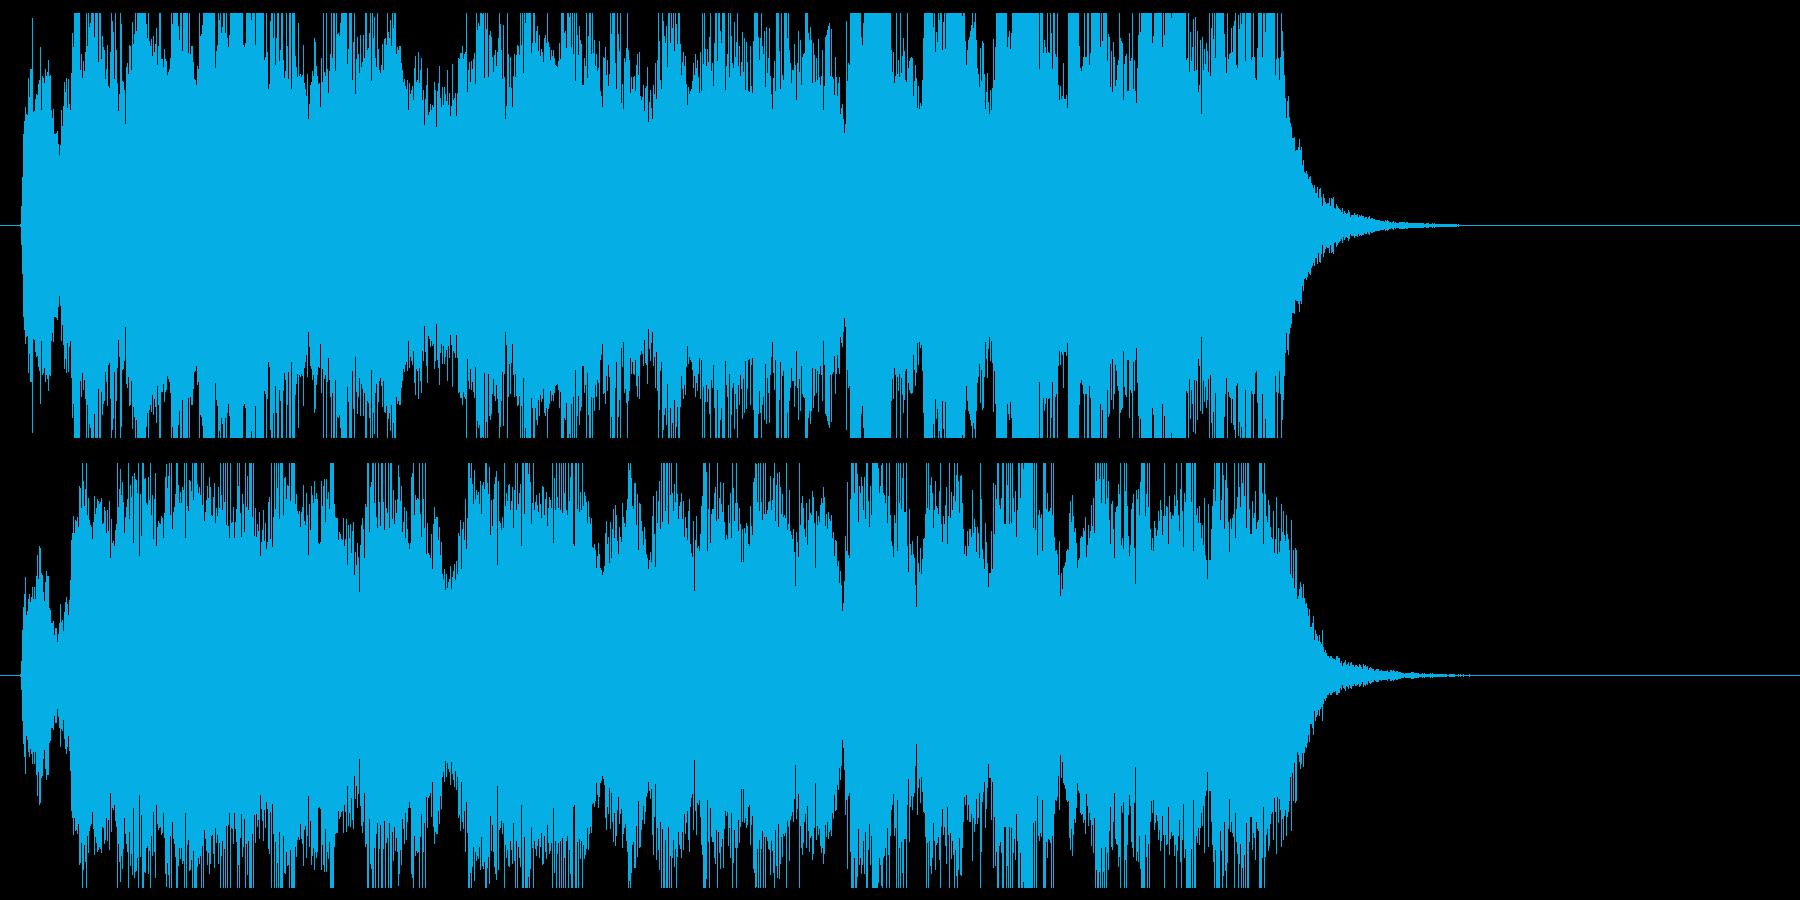 軽快で勢いあるオーケストラ風ジングルの再生済みの波形